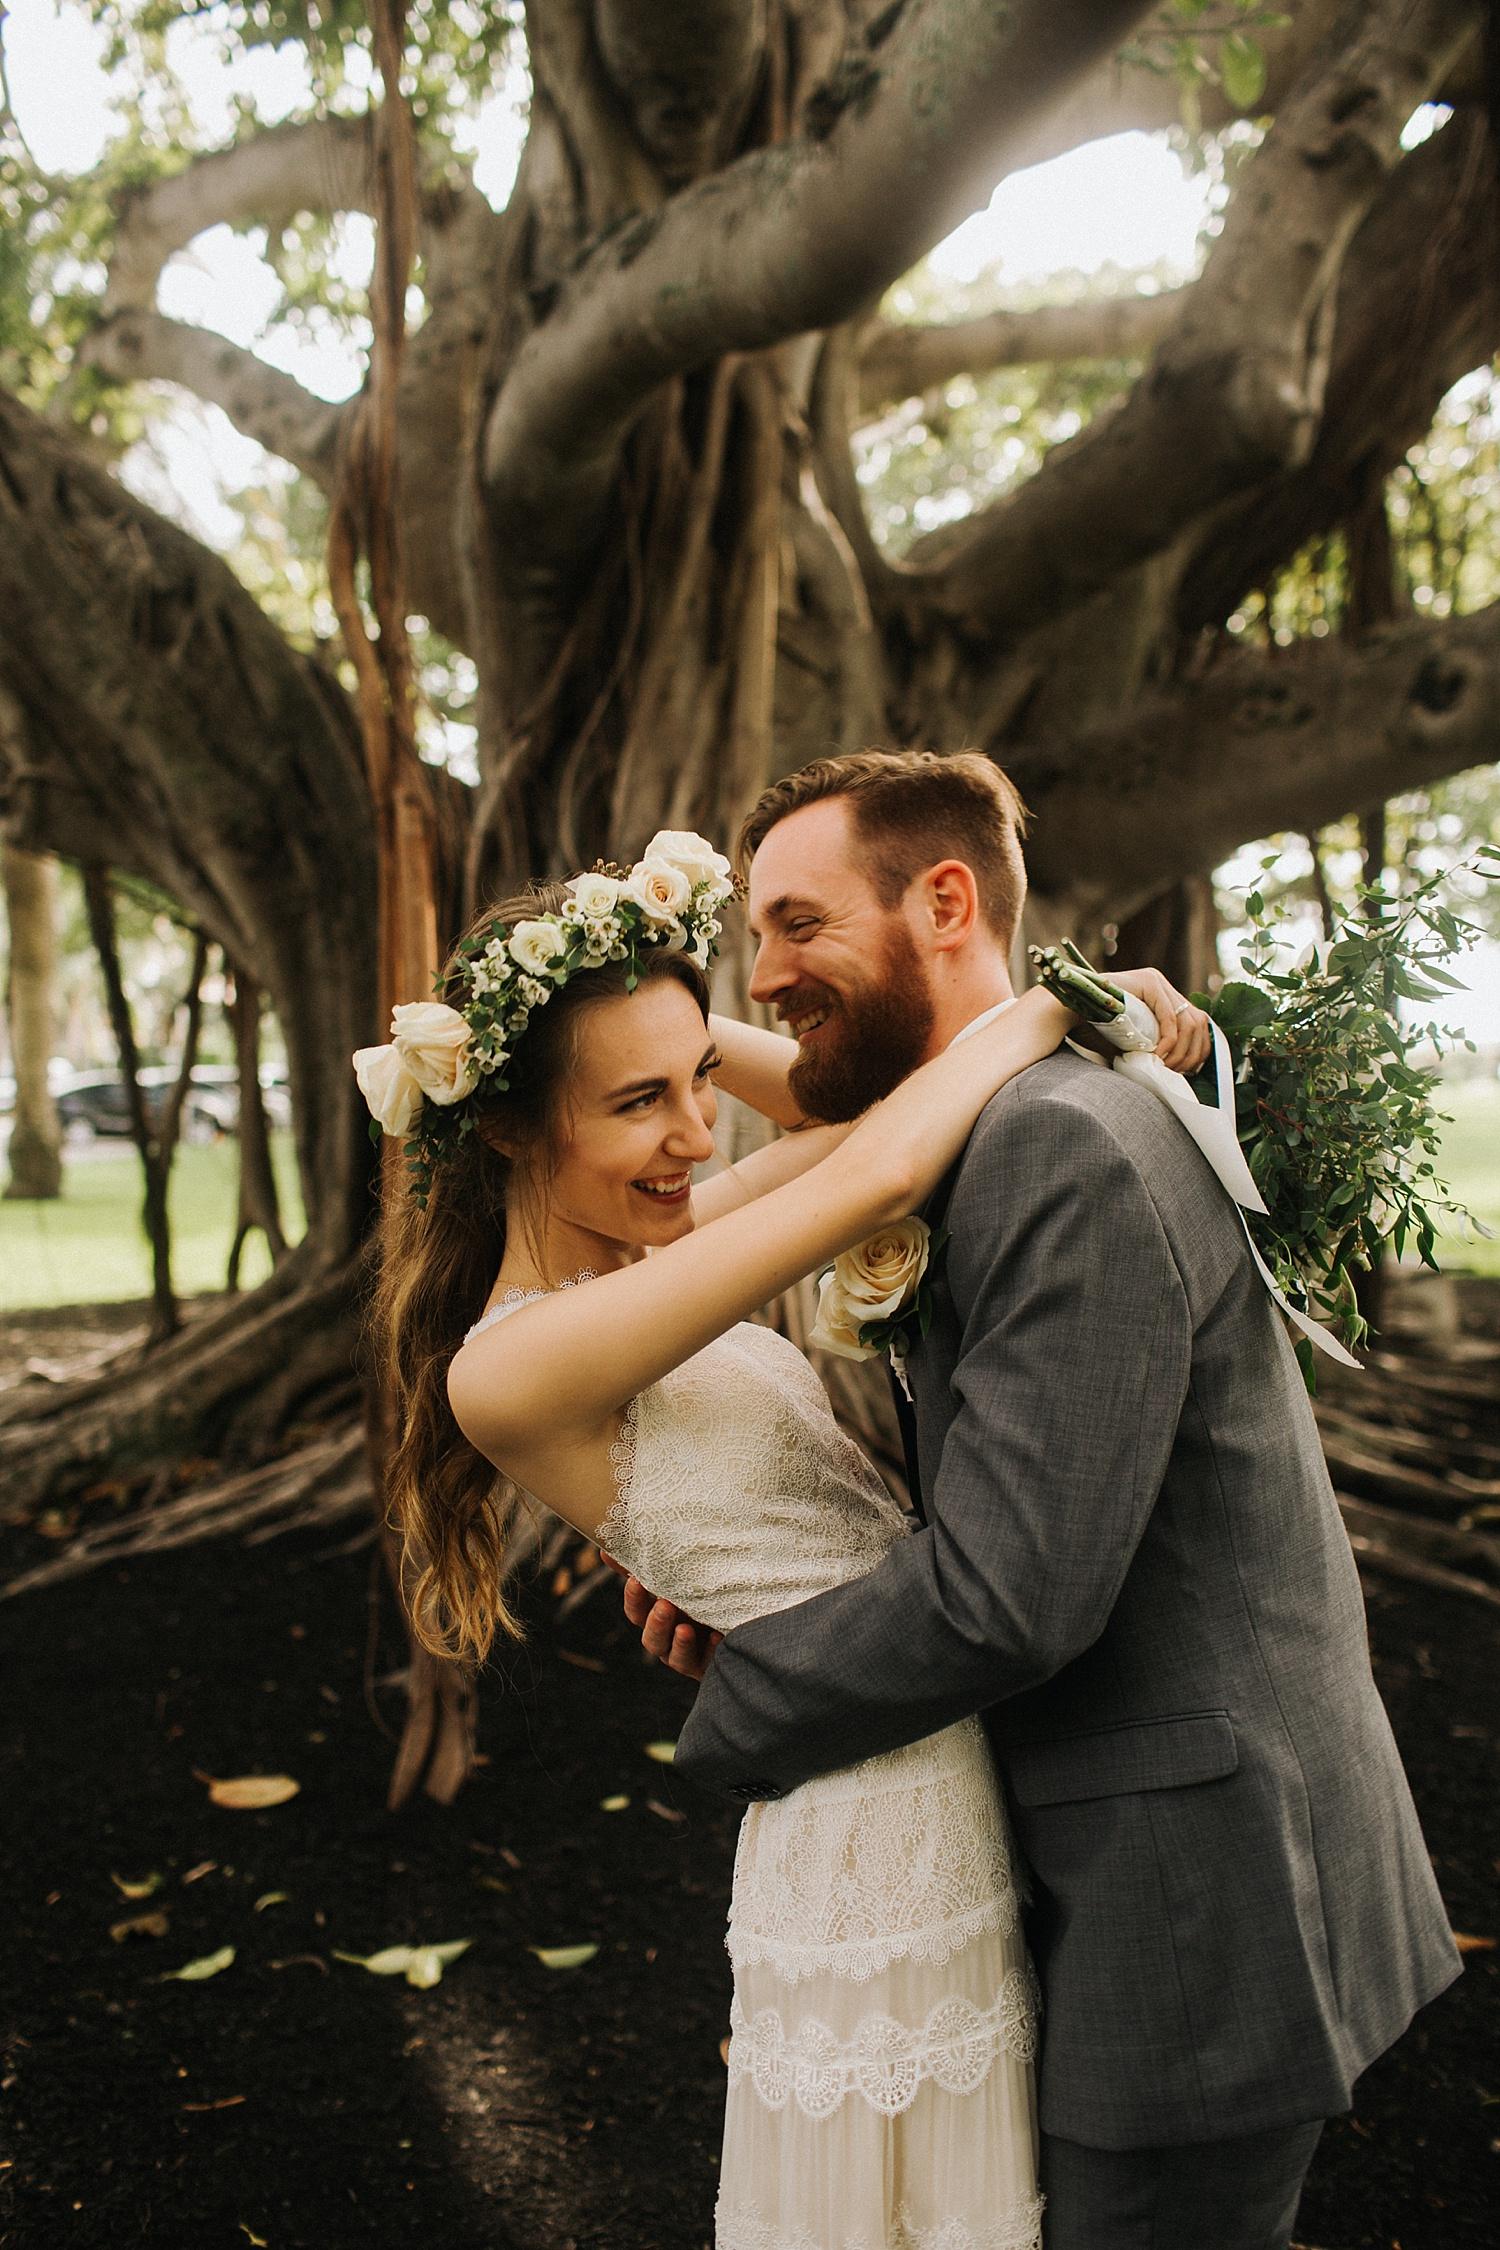 Peter + Kareena Rineer Downtown West Palm Beach December Wedding 2018_0027.jpg